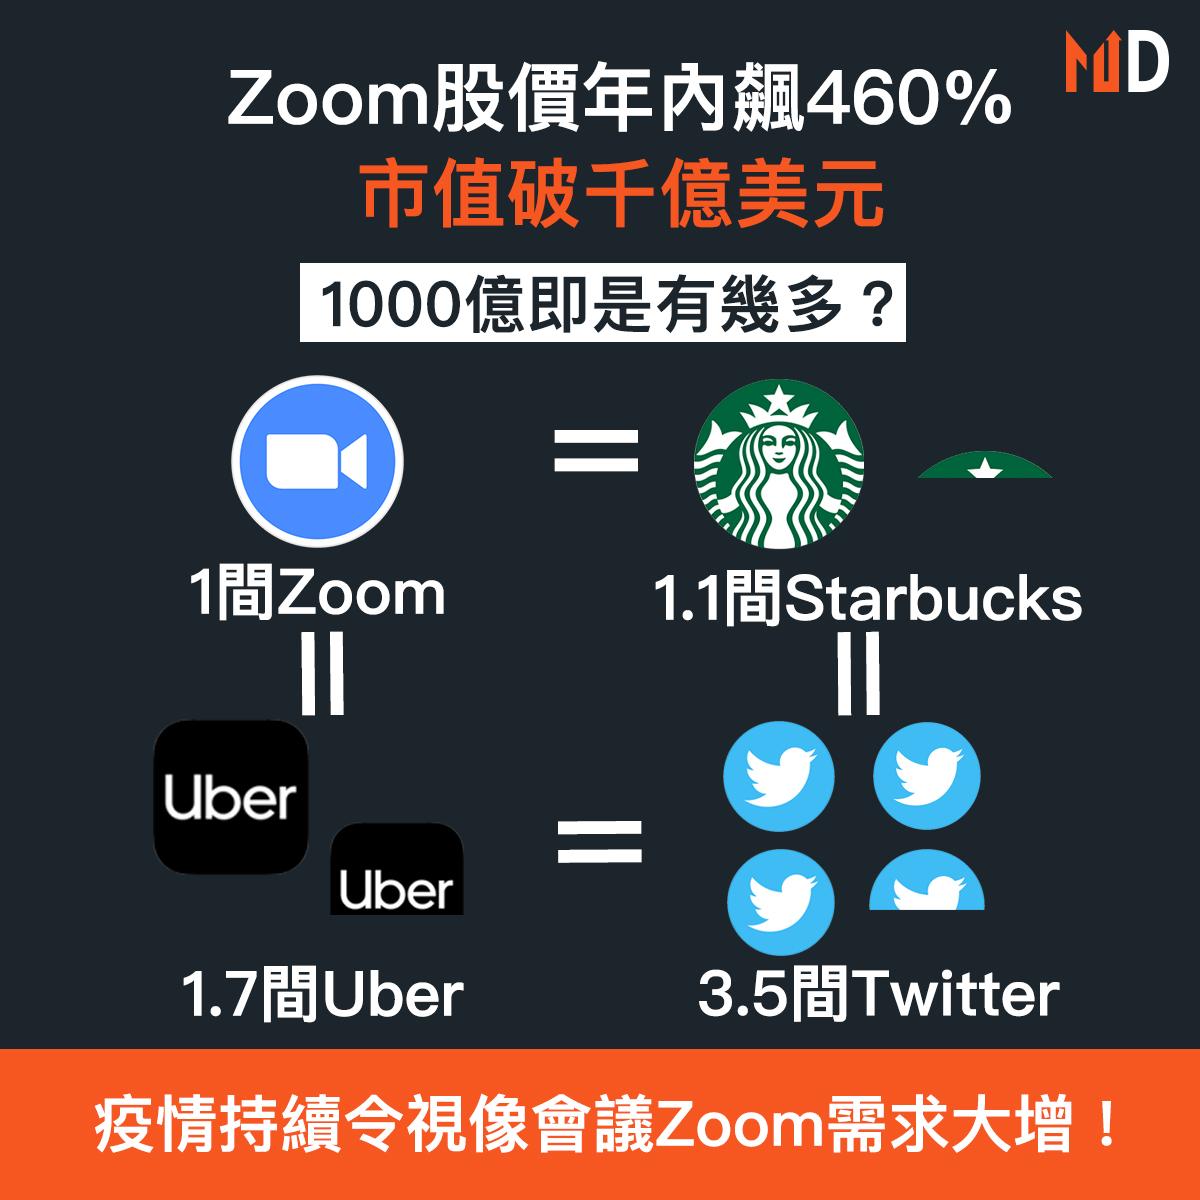 【財報分析】Zoom股價年內飆460%,市值破千億美元